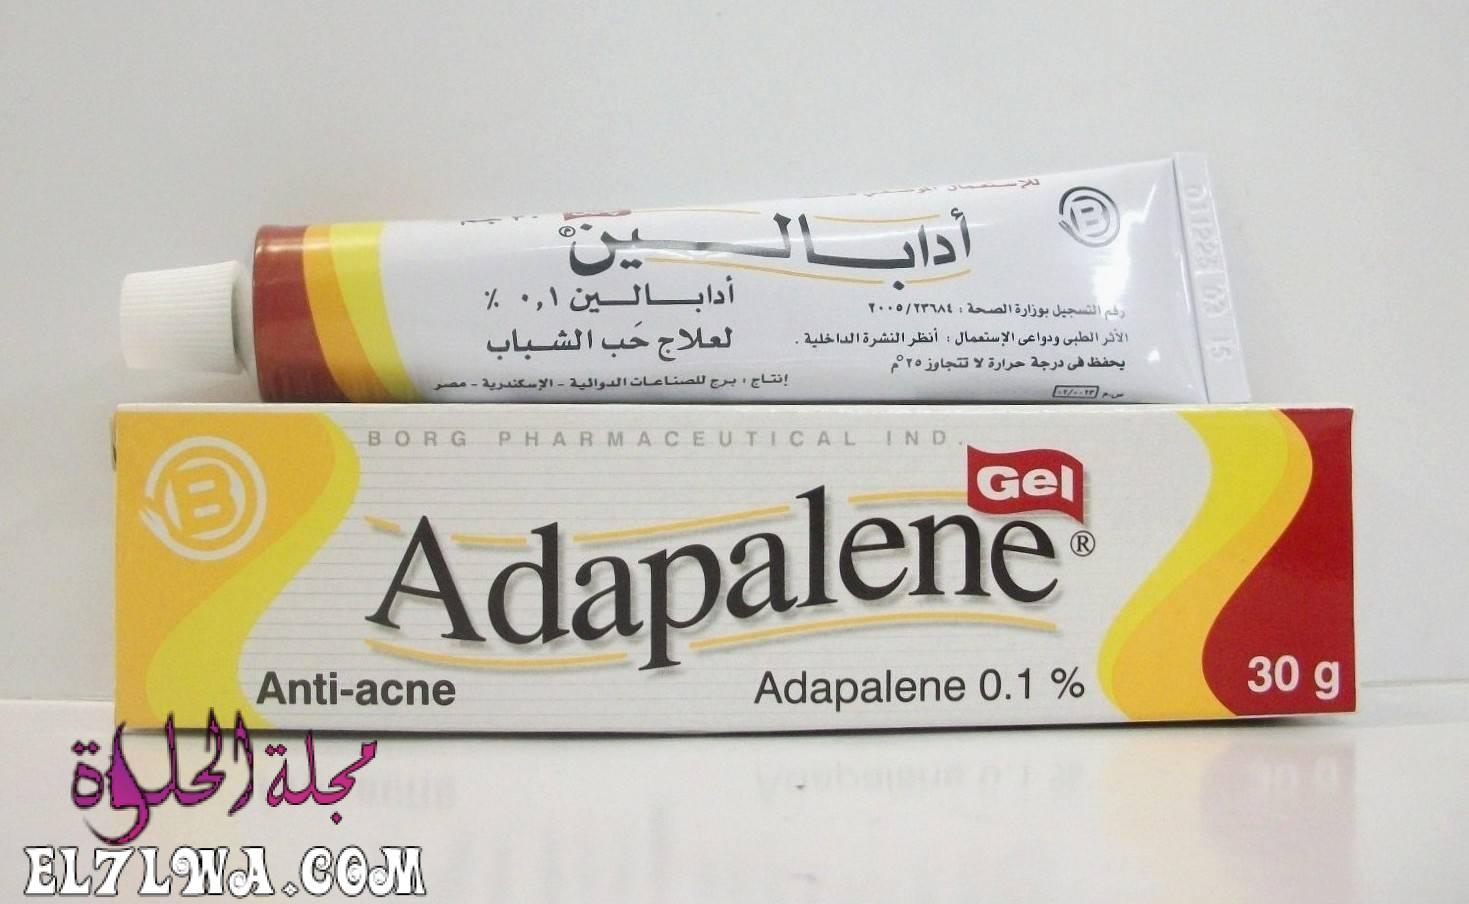 كريم أدابالين Adapalene لعلاج حب الشباب والرؤوس السوداء